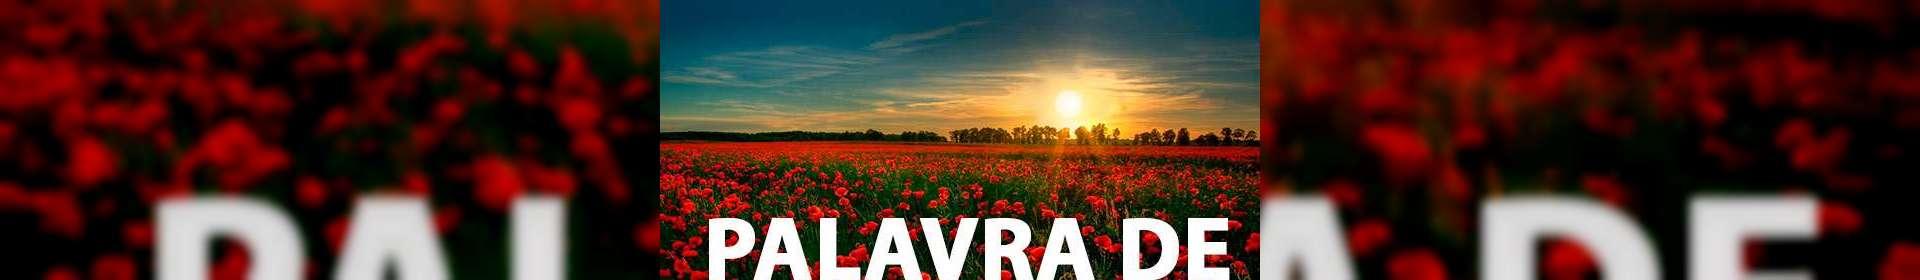 Salmos 4:3 - Uma Palavra de Esperança para sua vida